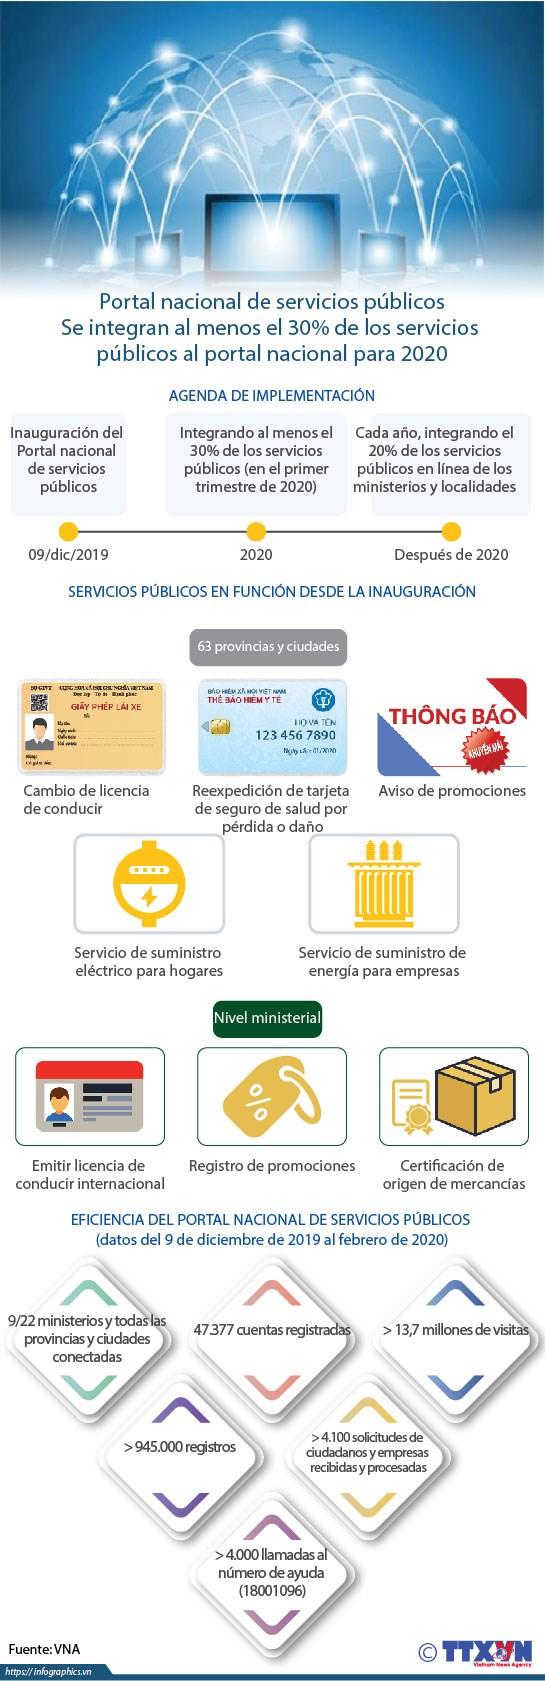 [Info] Portal nacional de servicios publicos hinh anh 1